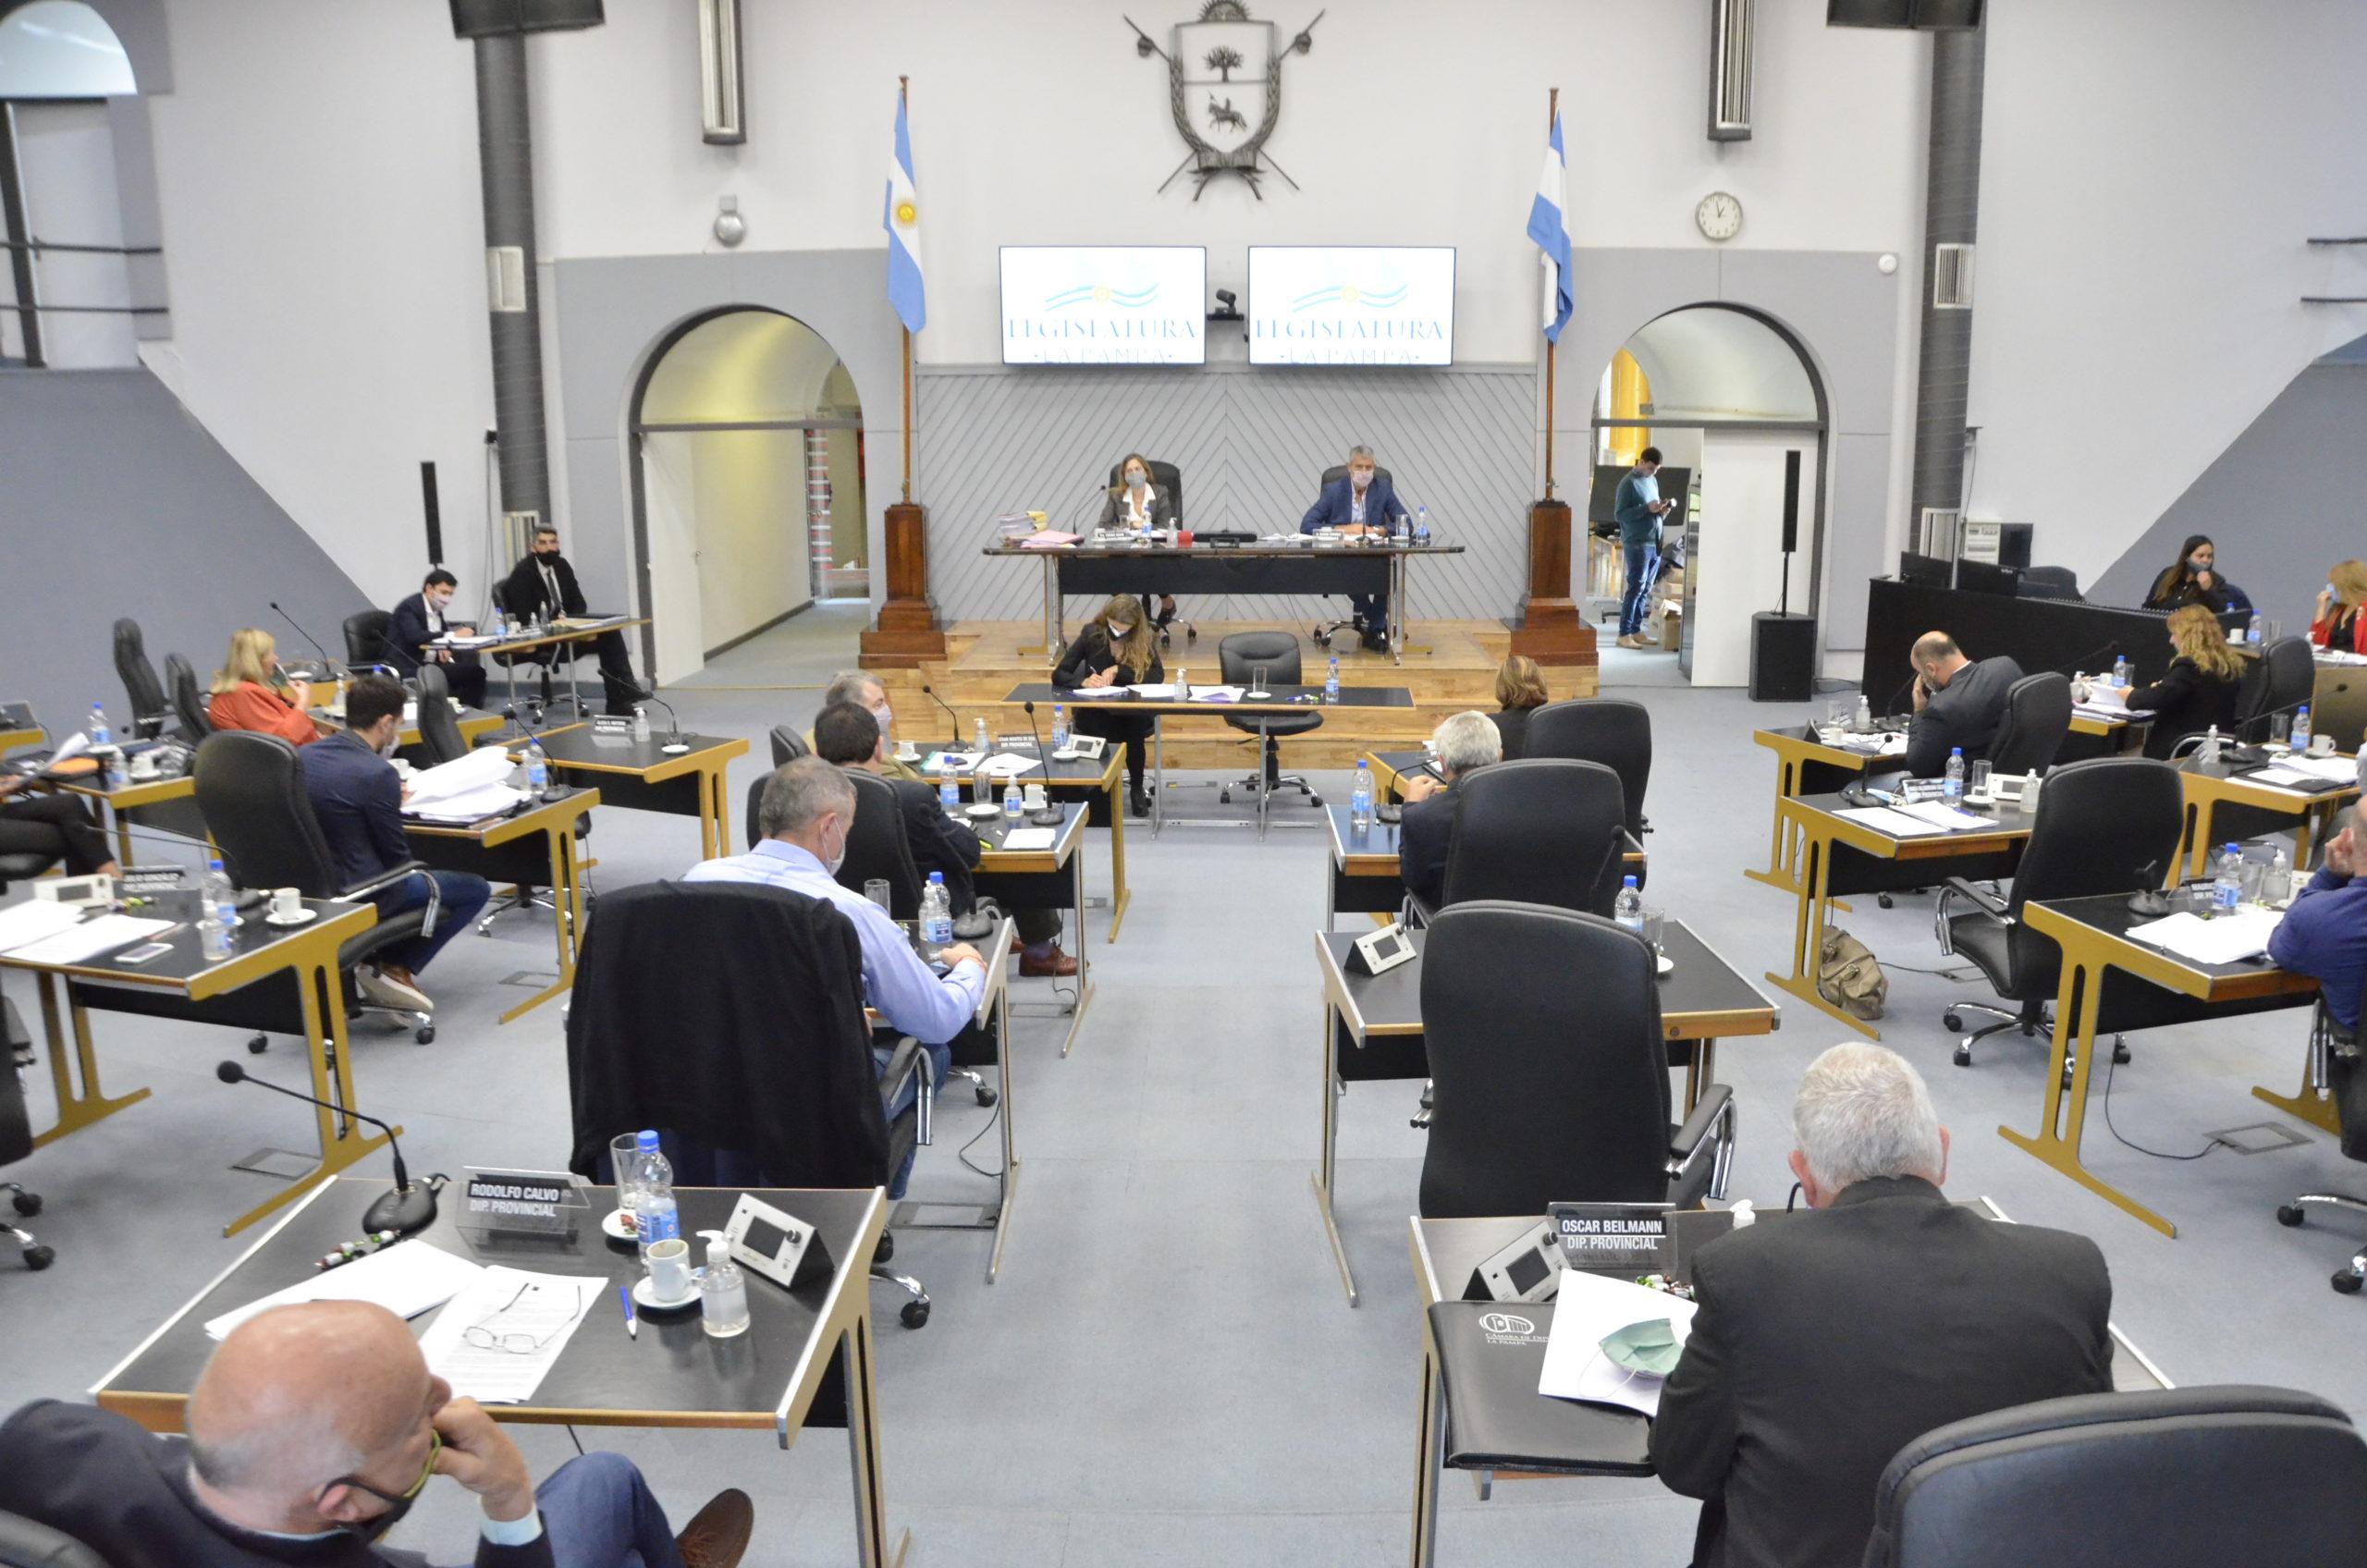 Diputados: Aprobaron los protocolos para sesionar de manera mixta hasta el 30 de noviembre